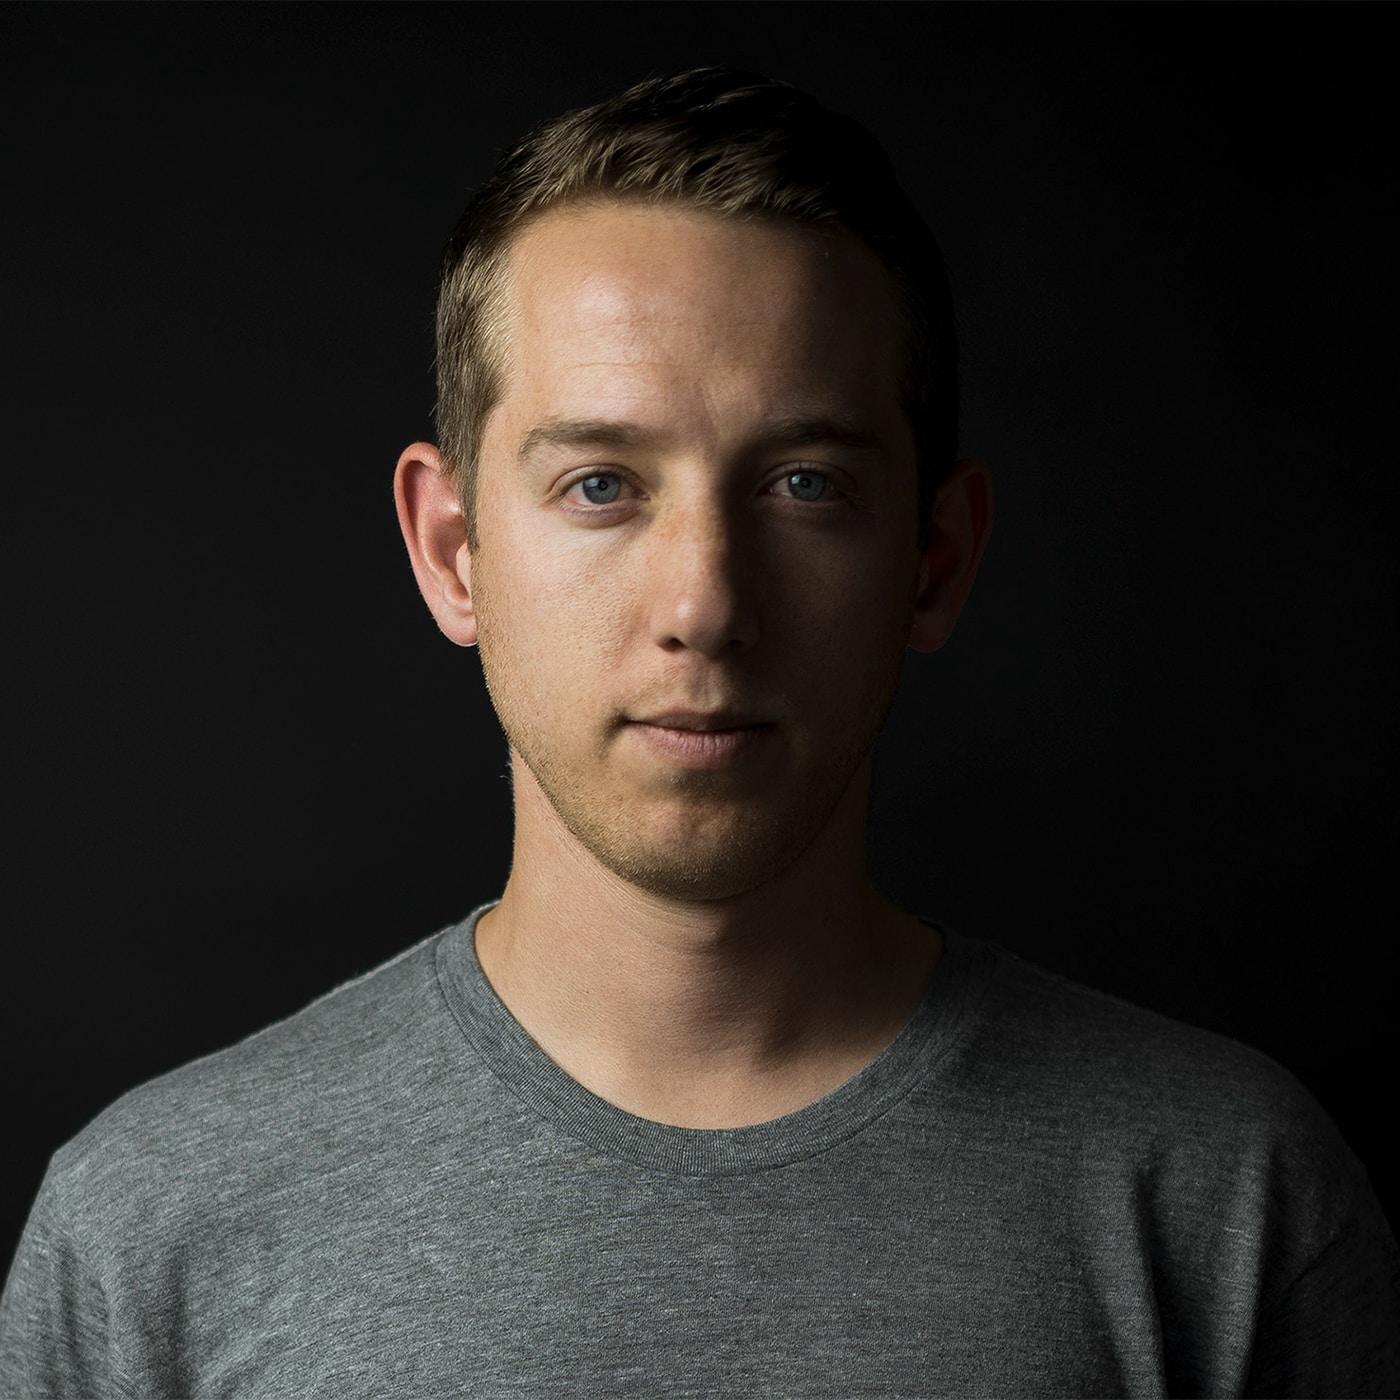 Go to Adam Skalecki's profile